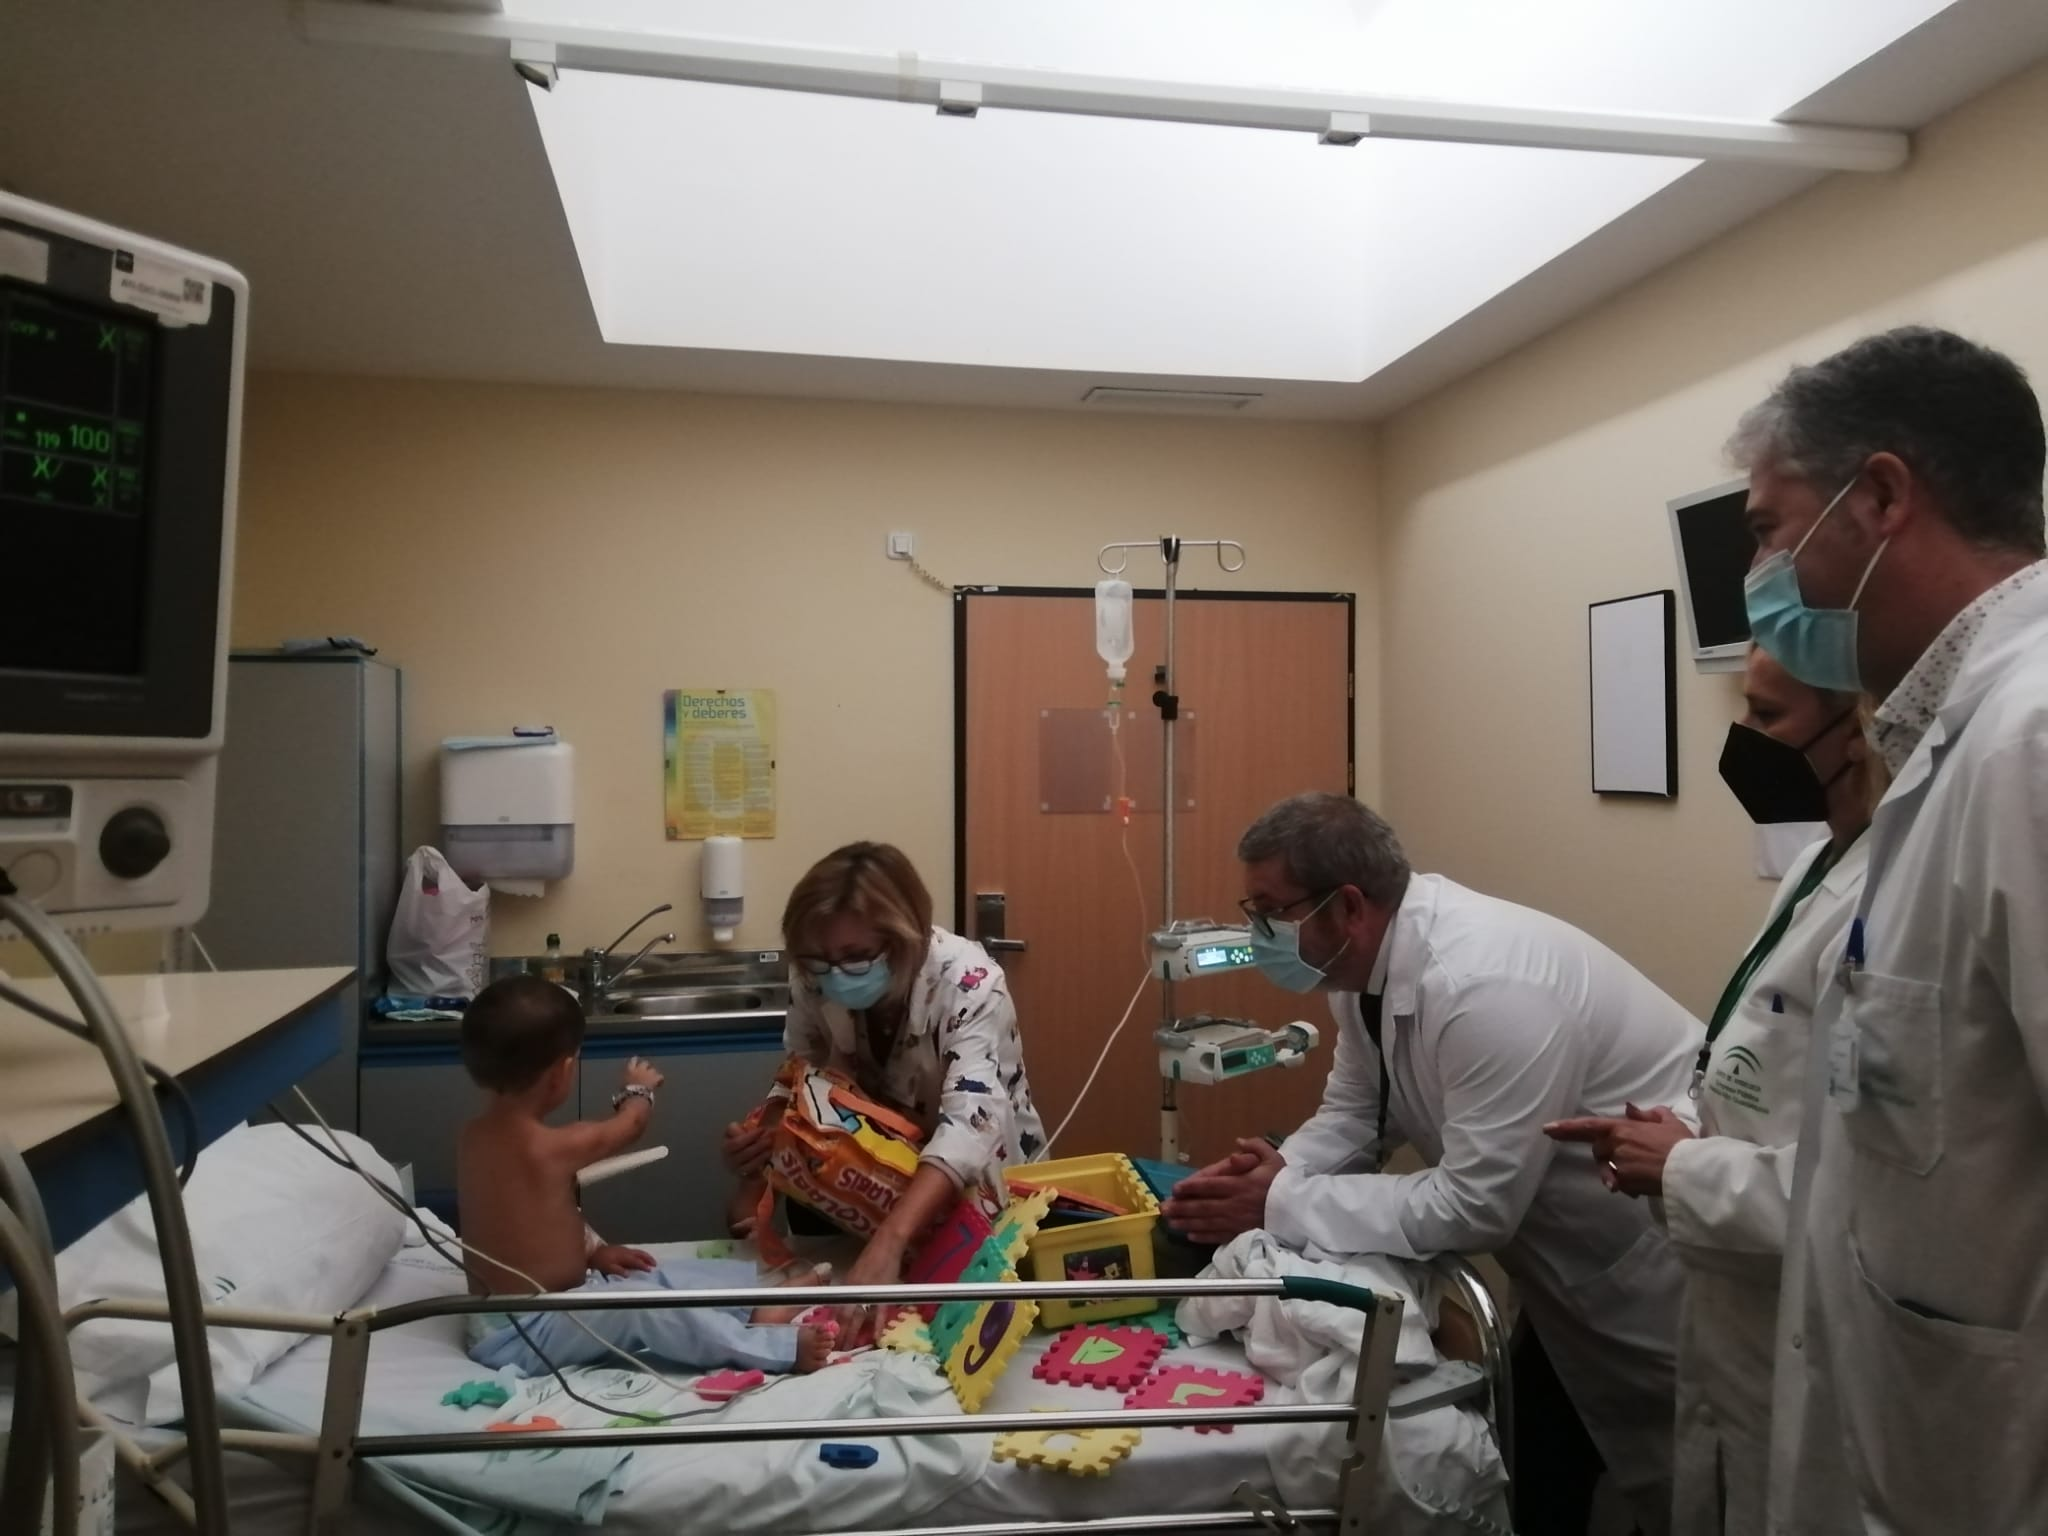 Da comienzo el Aula Hospitalaria del Hospital Alto Guadalquivir manteniendo la seguridad frente al covid